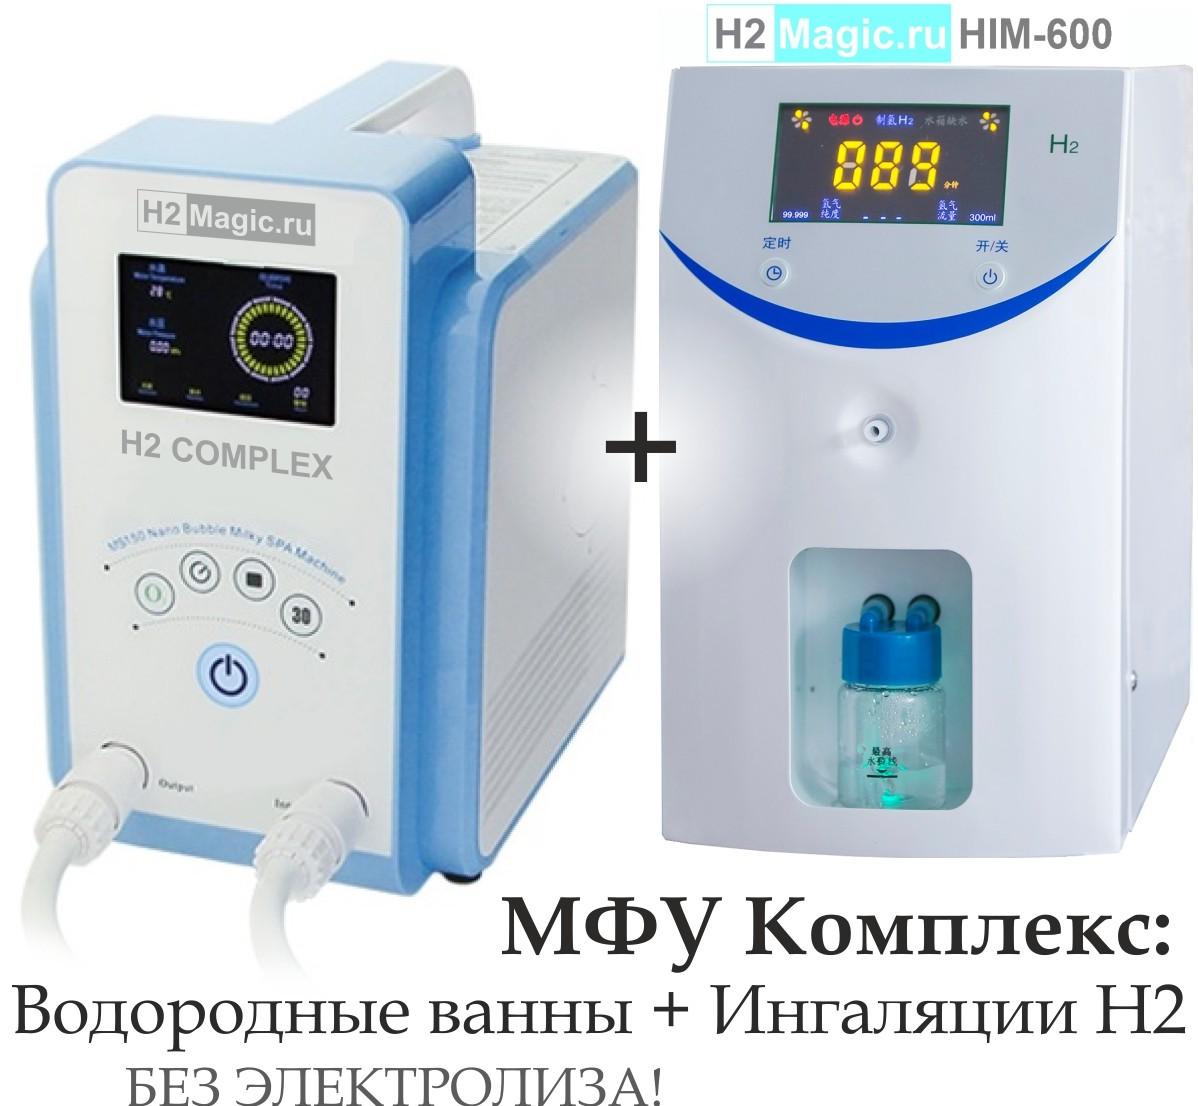 СПА-Комплекс Генератор водорода для ванны без электролиза H2Magic HIM-600 + Milky SPA